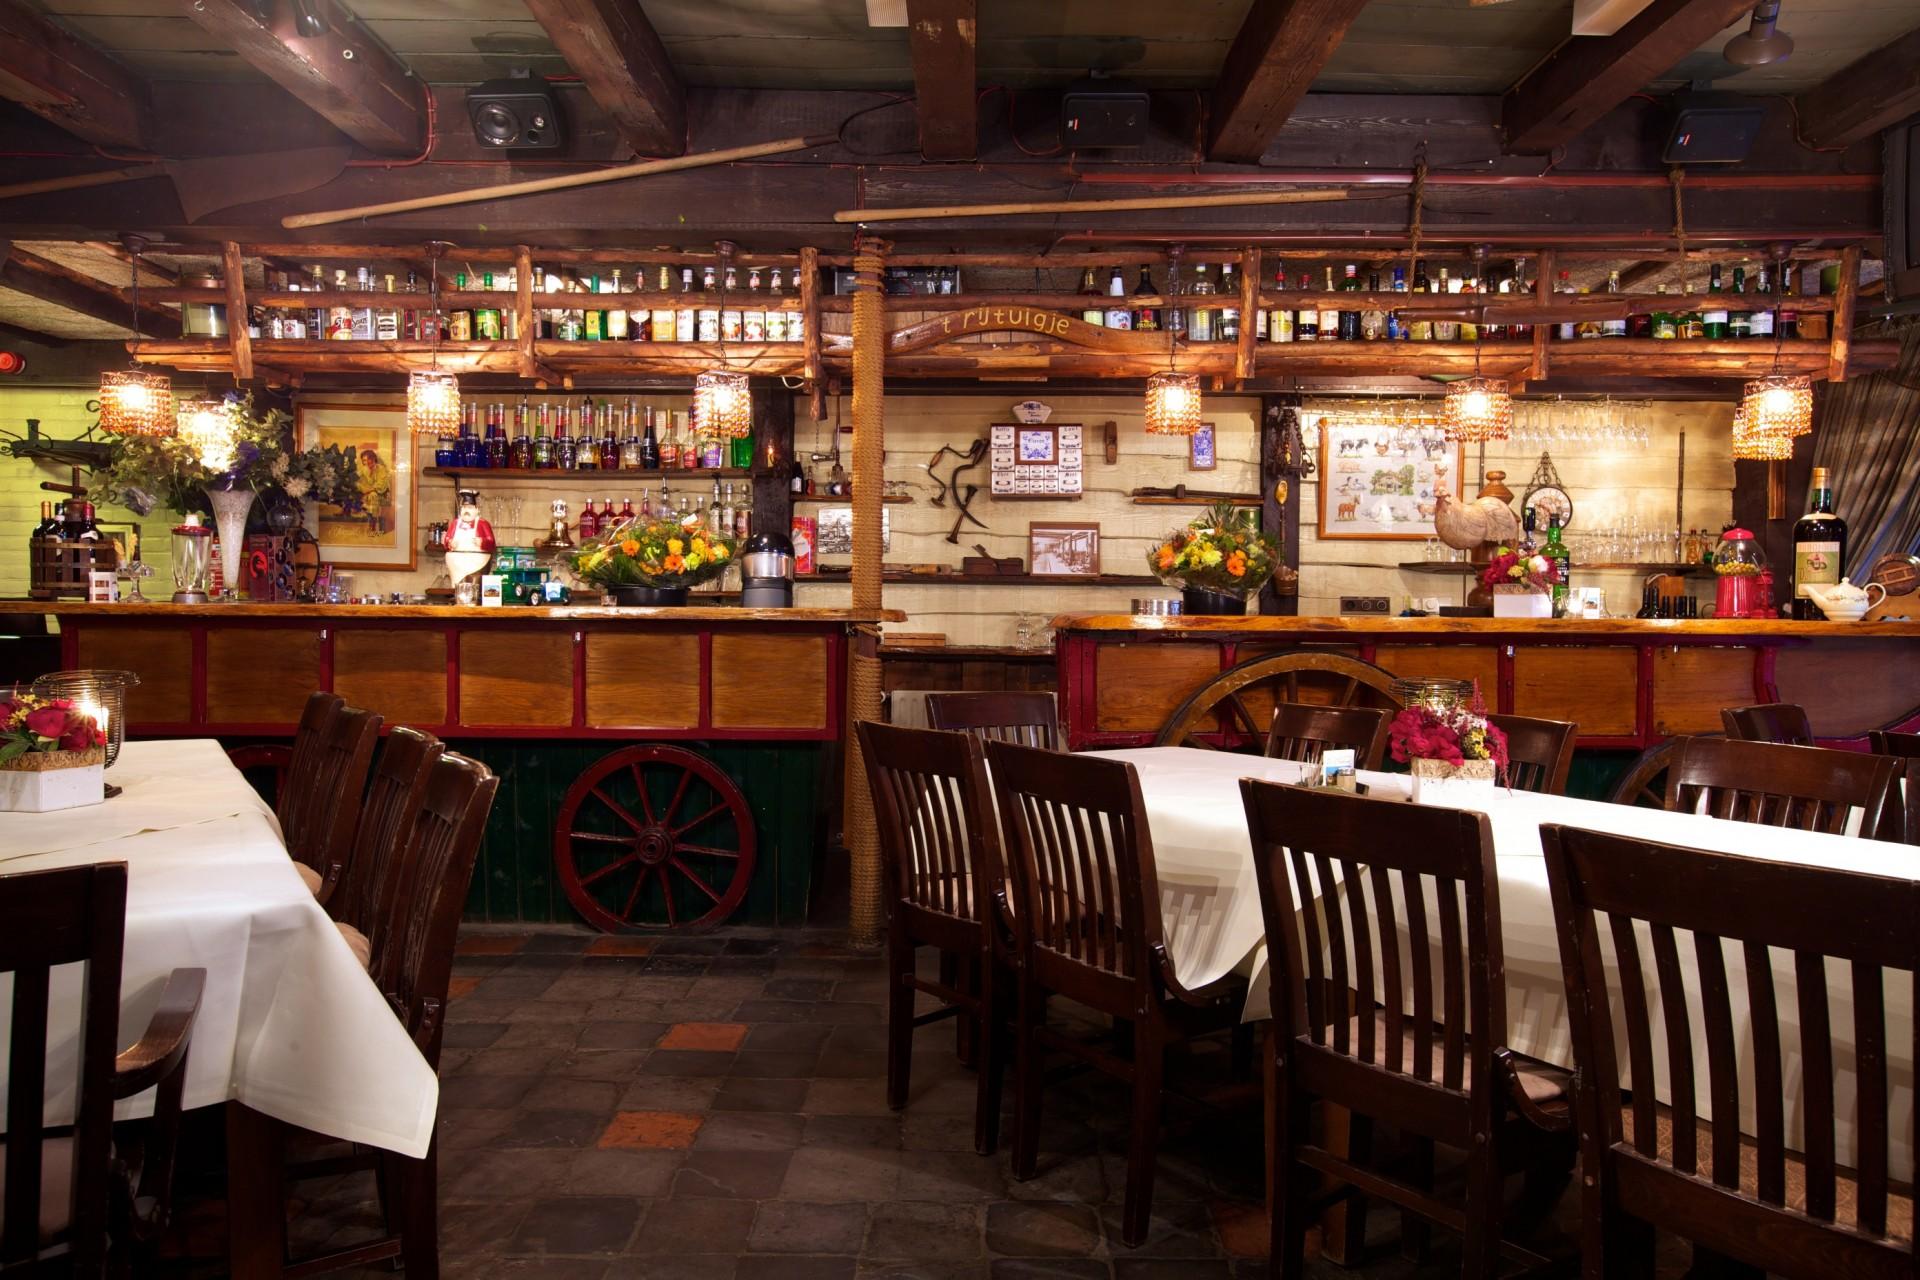 Nadorst-restaurant-uitspanning-faciliteiten-zalen-de-paardenstal-1